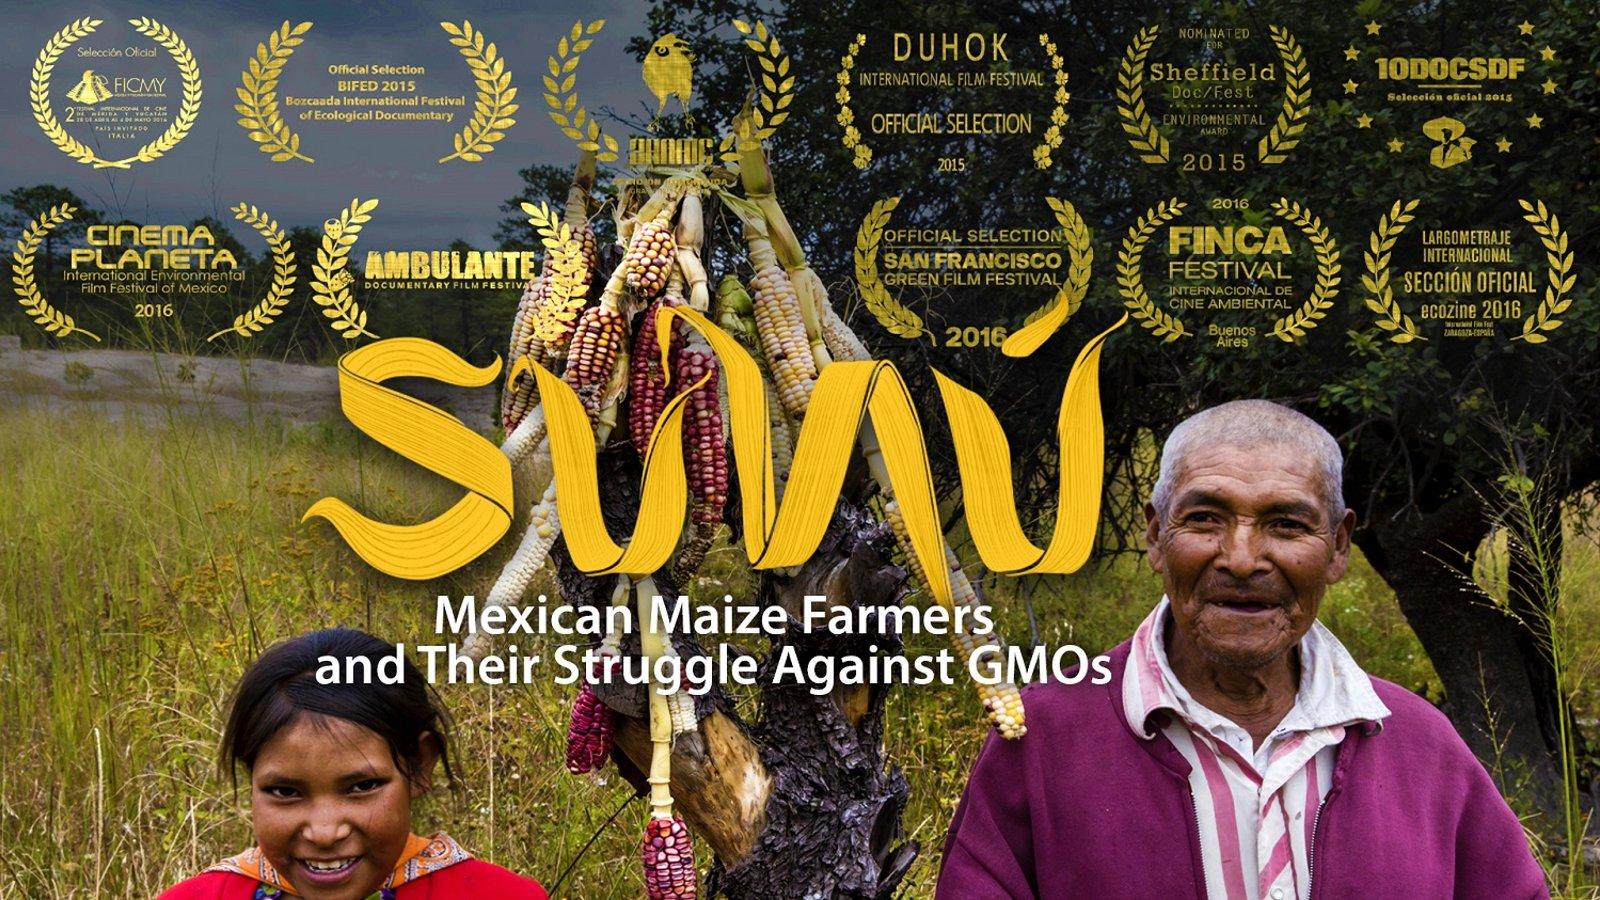 Sunú - Mexican Maize Farmers